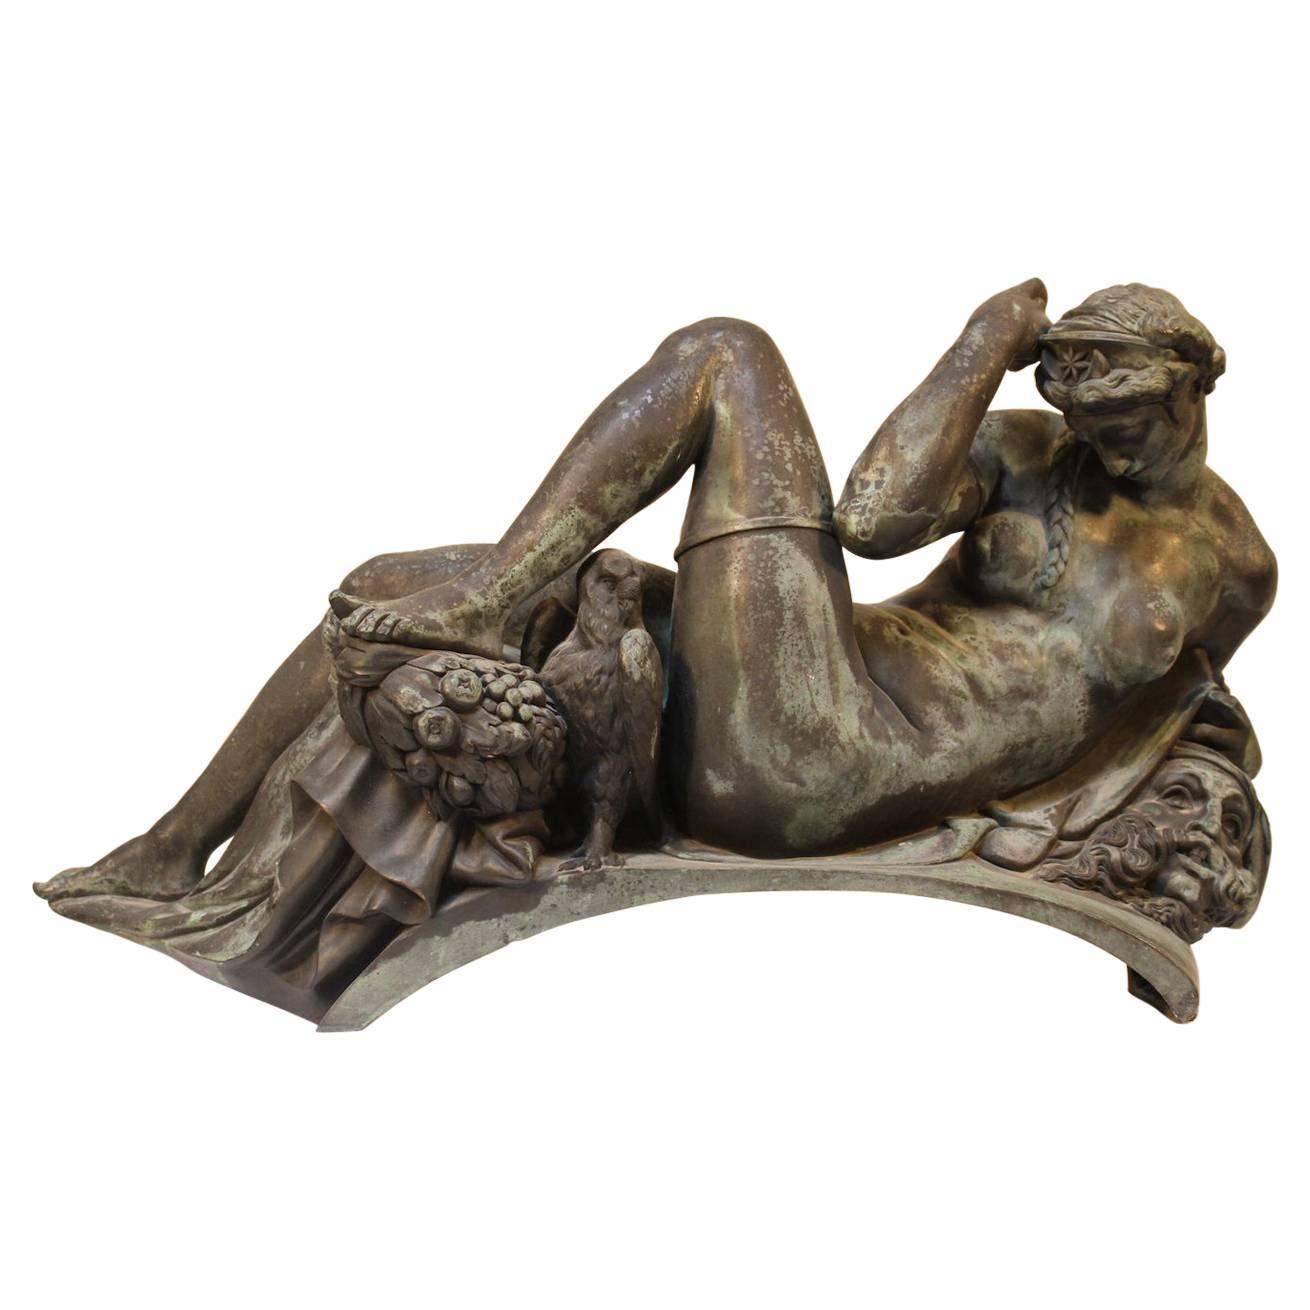 Large Bronze Sculpture Depicting a Di Medici Tomb Figure